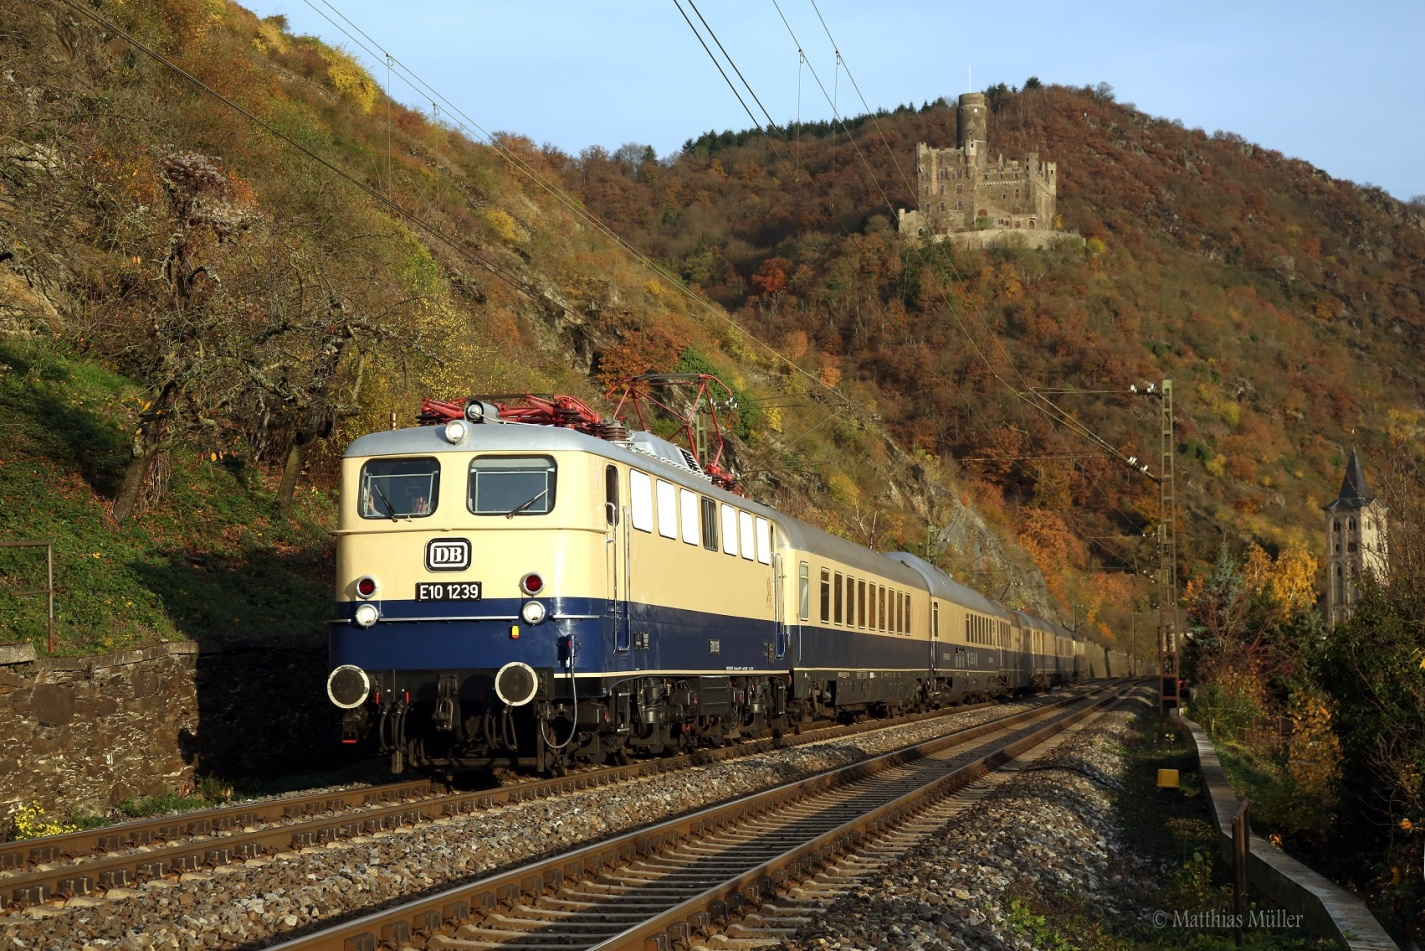 C:\Users\G.Wilhelm\LC103 HP NEU ab 01.01.19\2015+2016, warum ist es am Rhein so schön\Beitrag 15+16 fertig für HP\HP12 kl korr MAMU6447 Wellmich unter Burg Maus.jpg